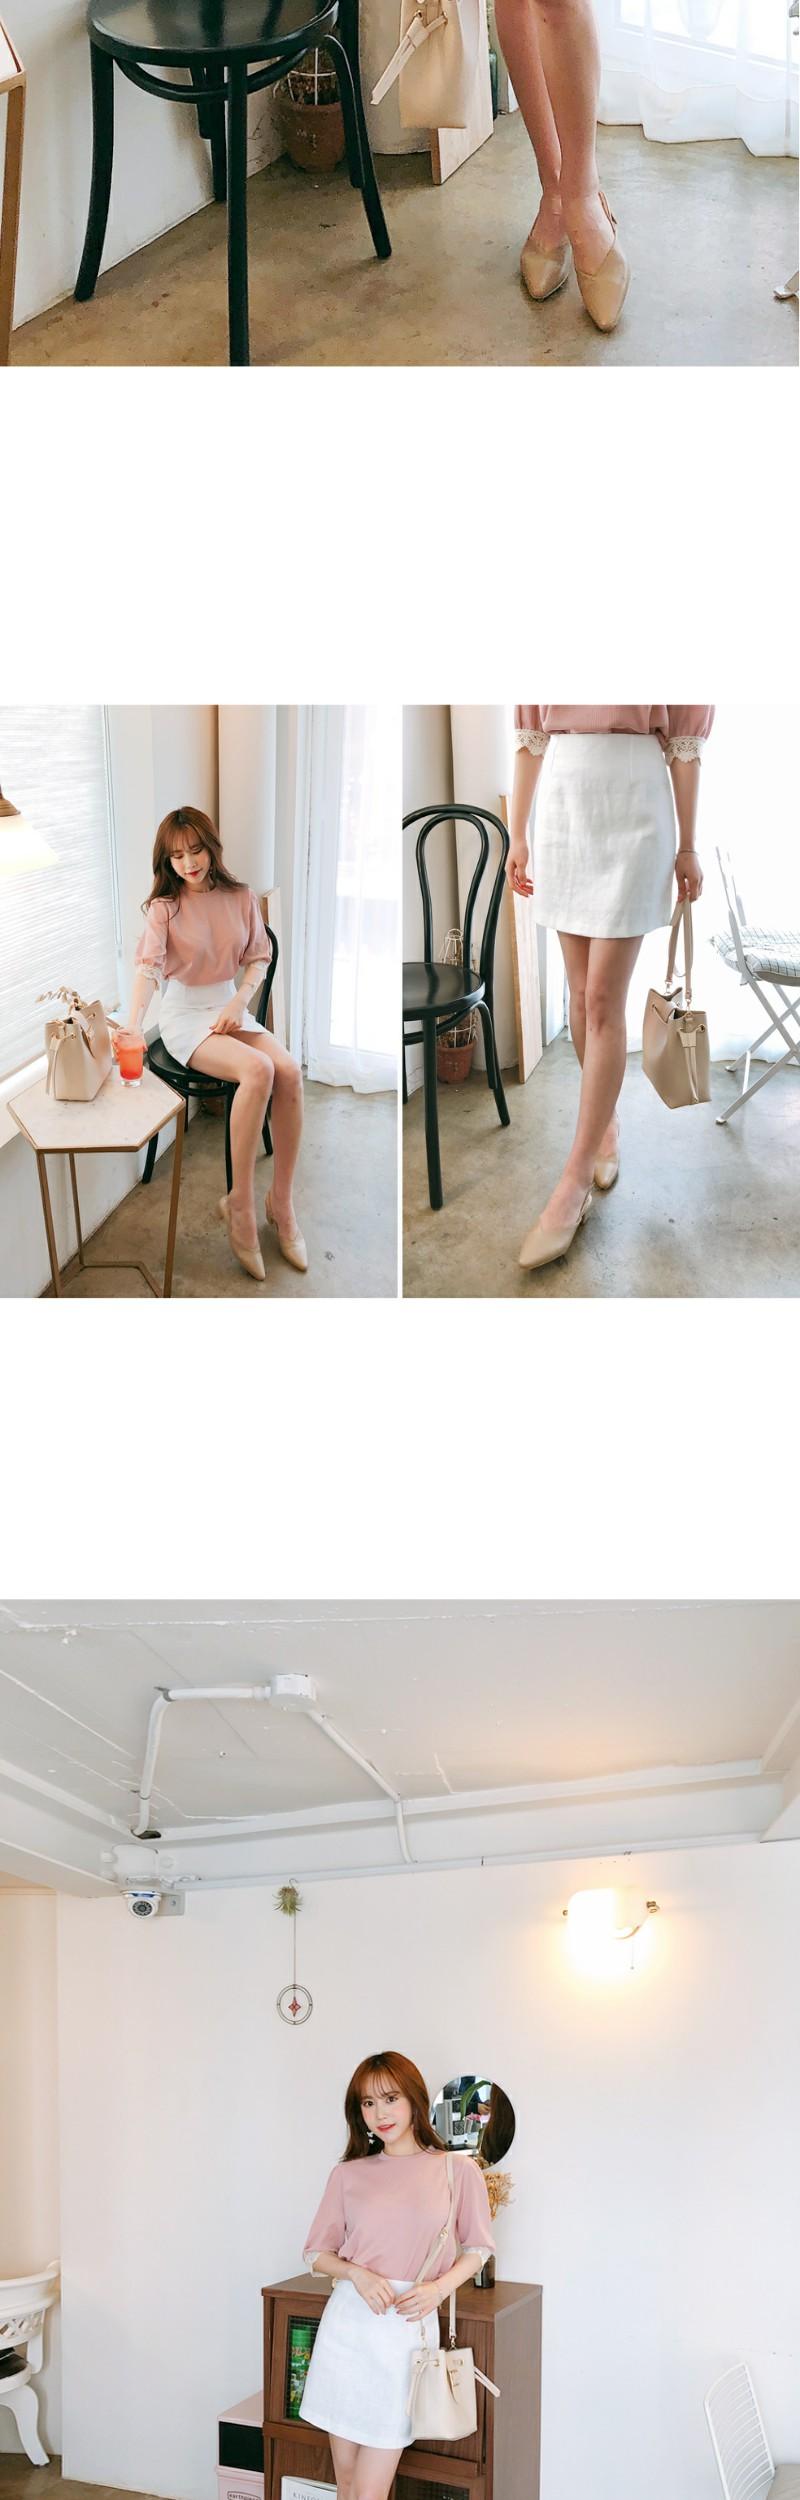 Pure white skirt